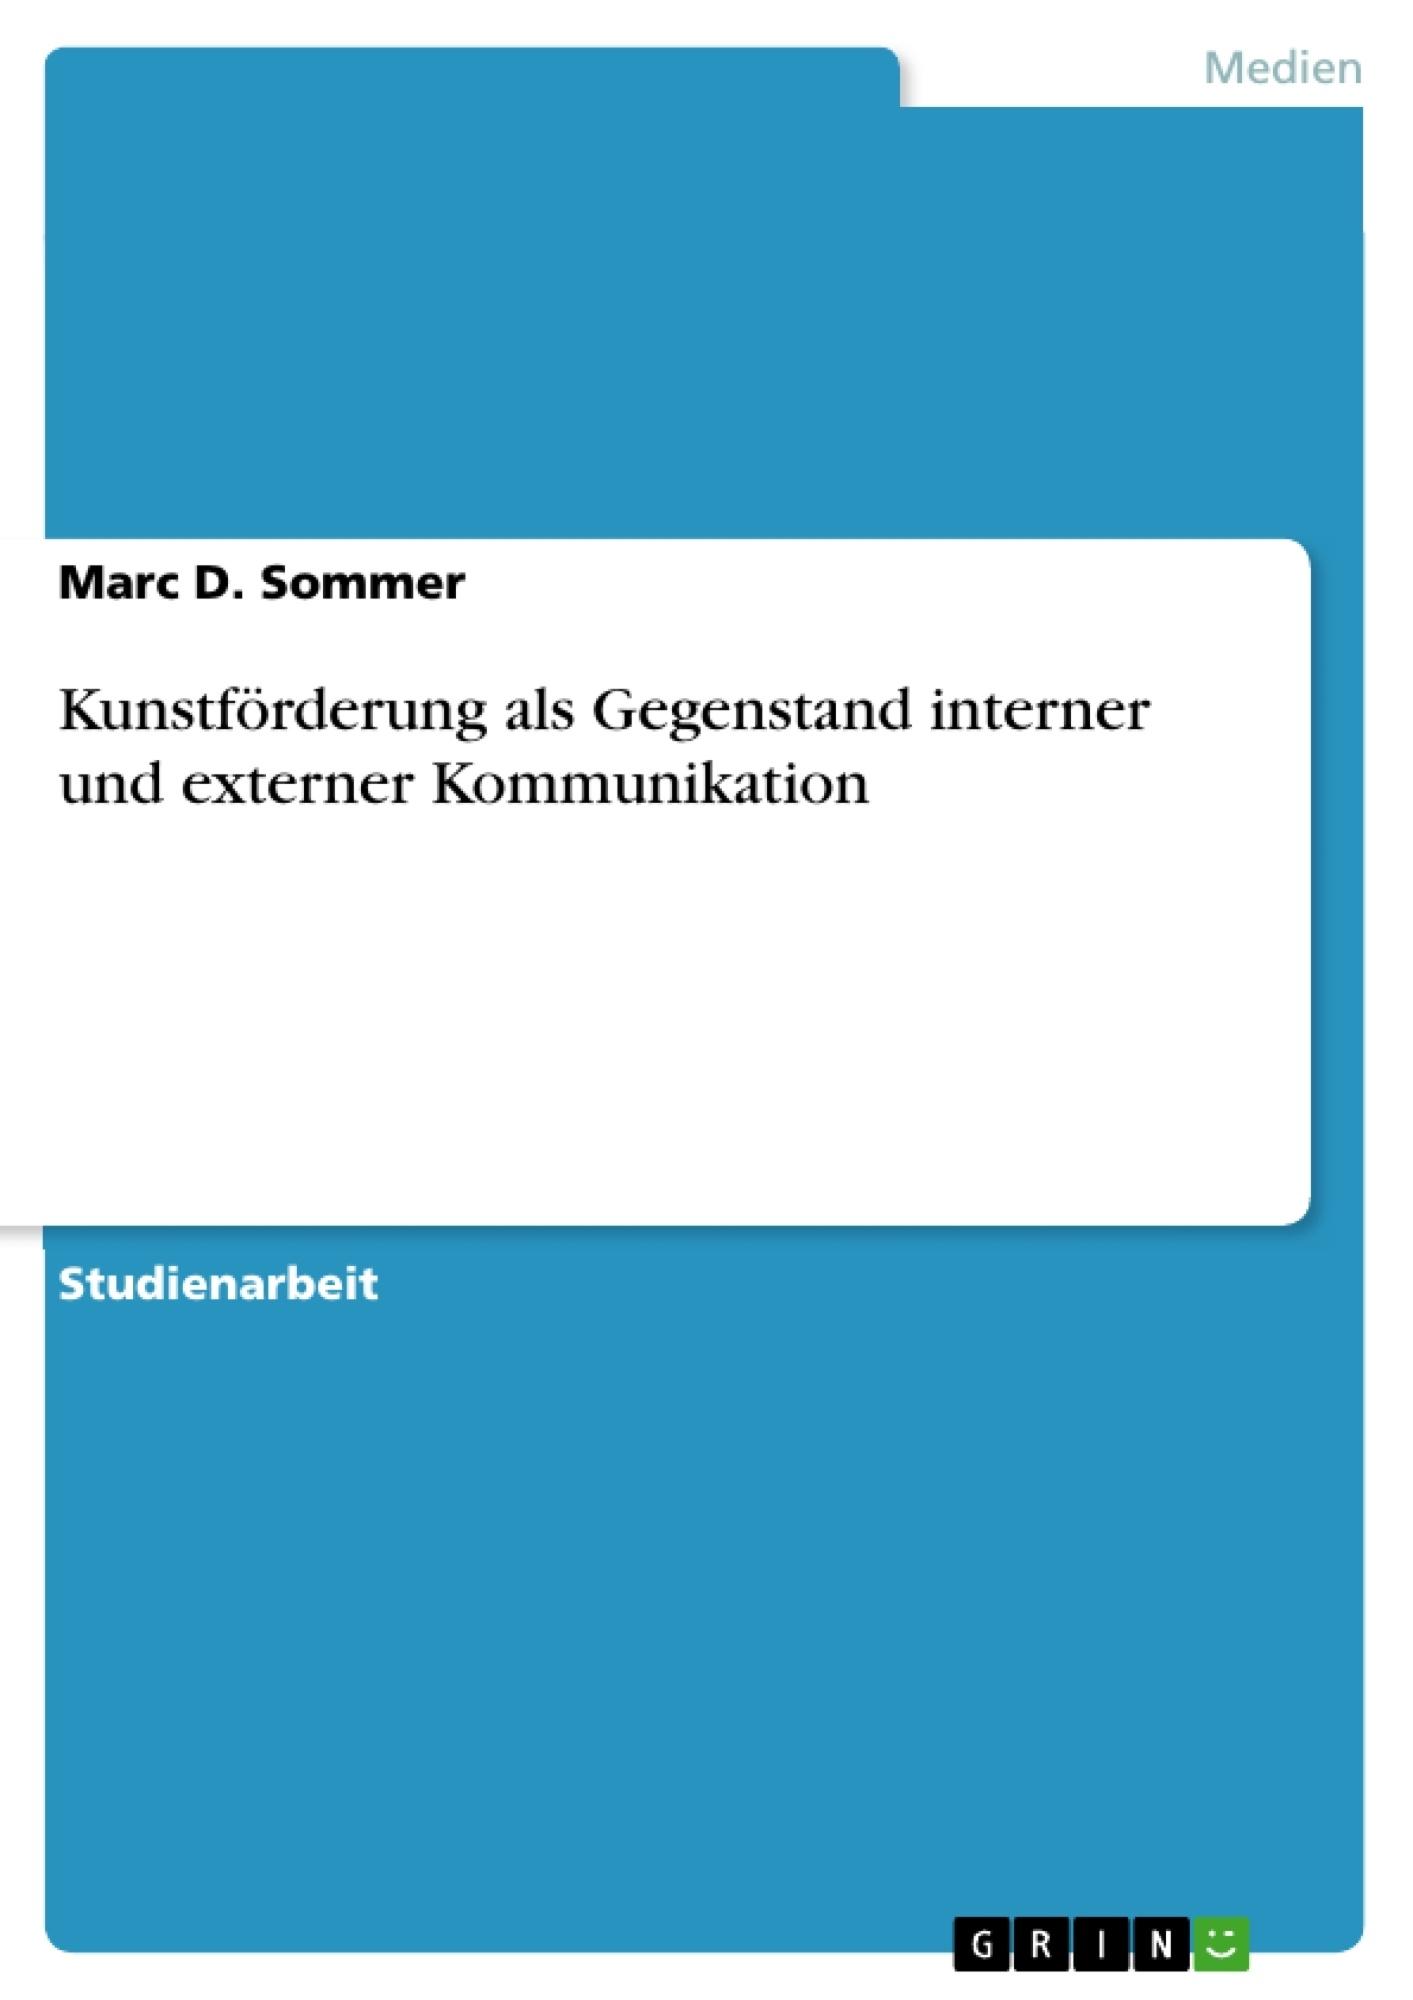 Titel: Kunstförderung als Gegenstand interner und externer Kommunikation